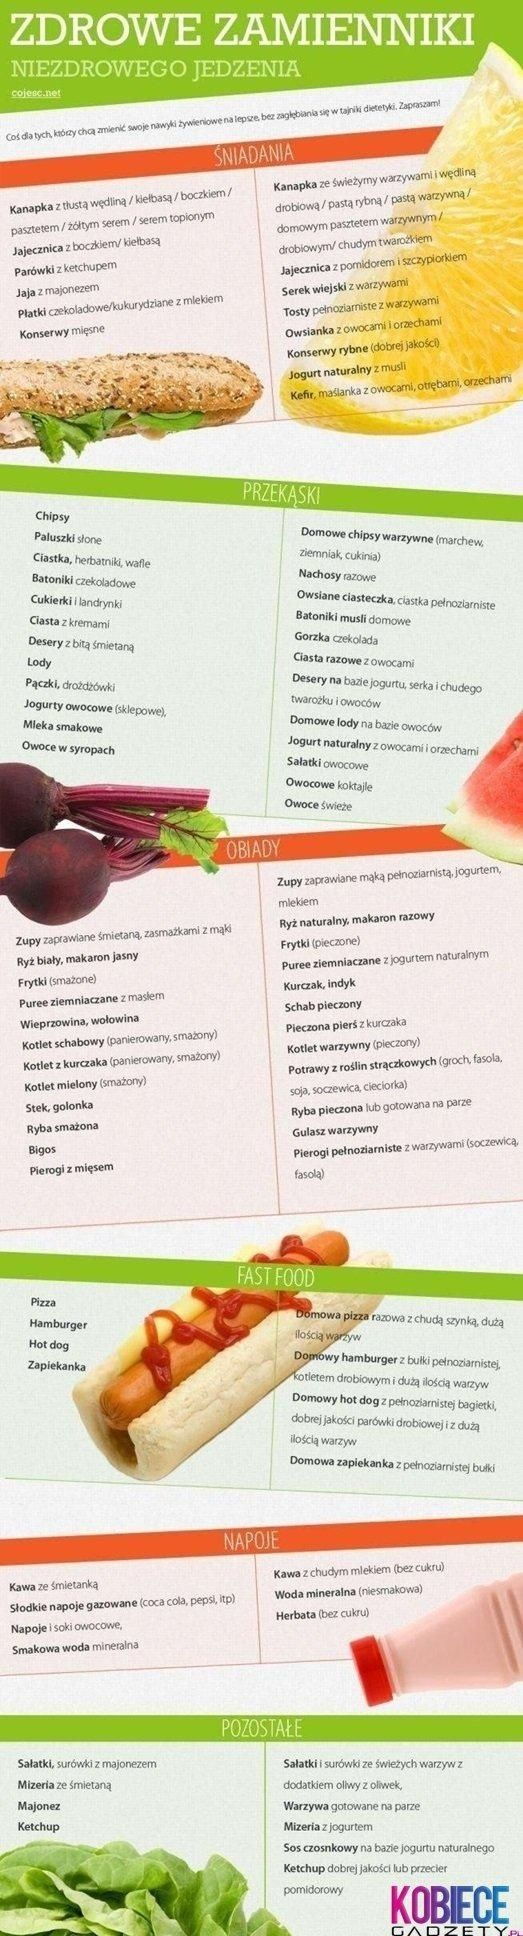 Healthy alternatives ... #diet